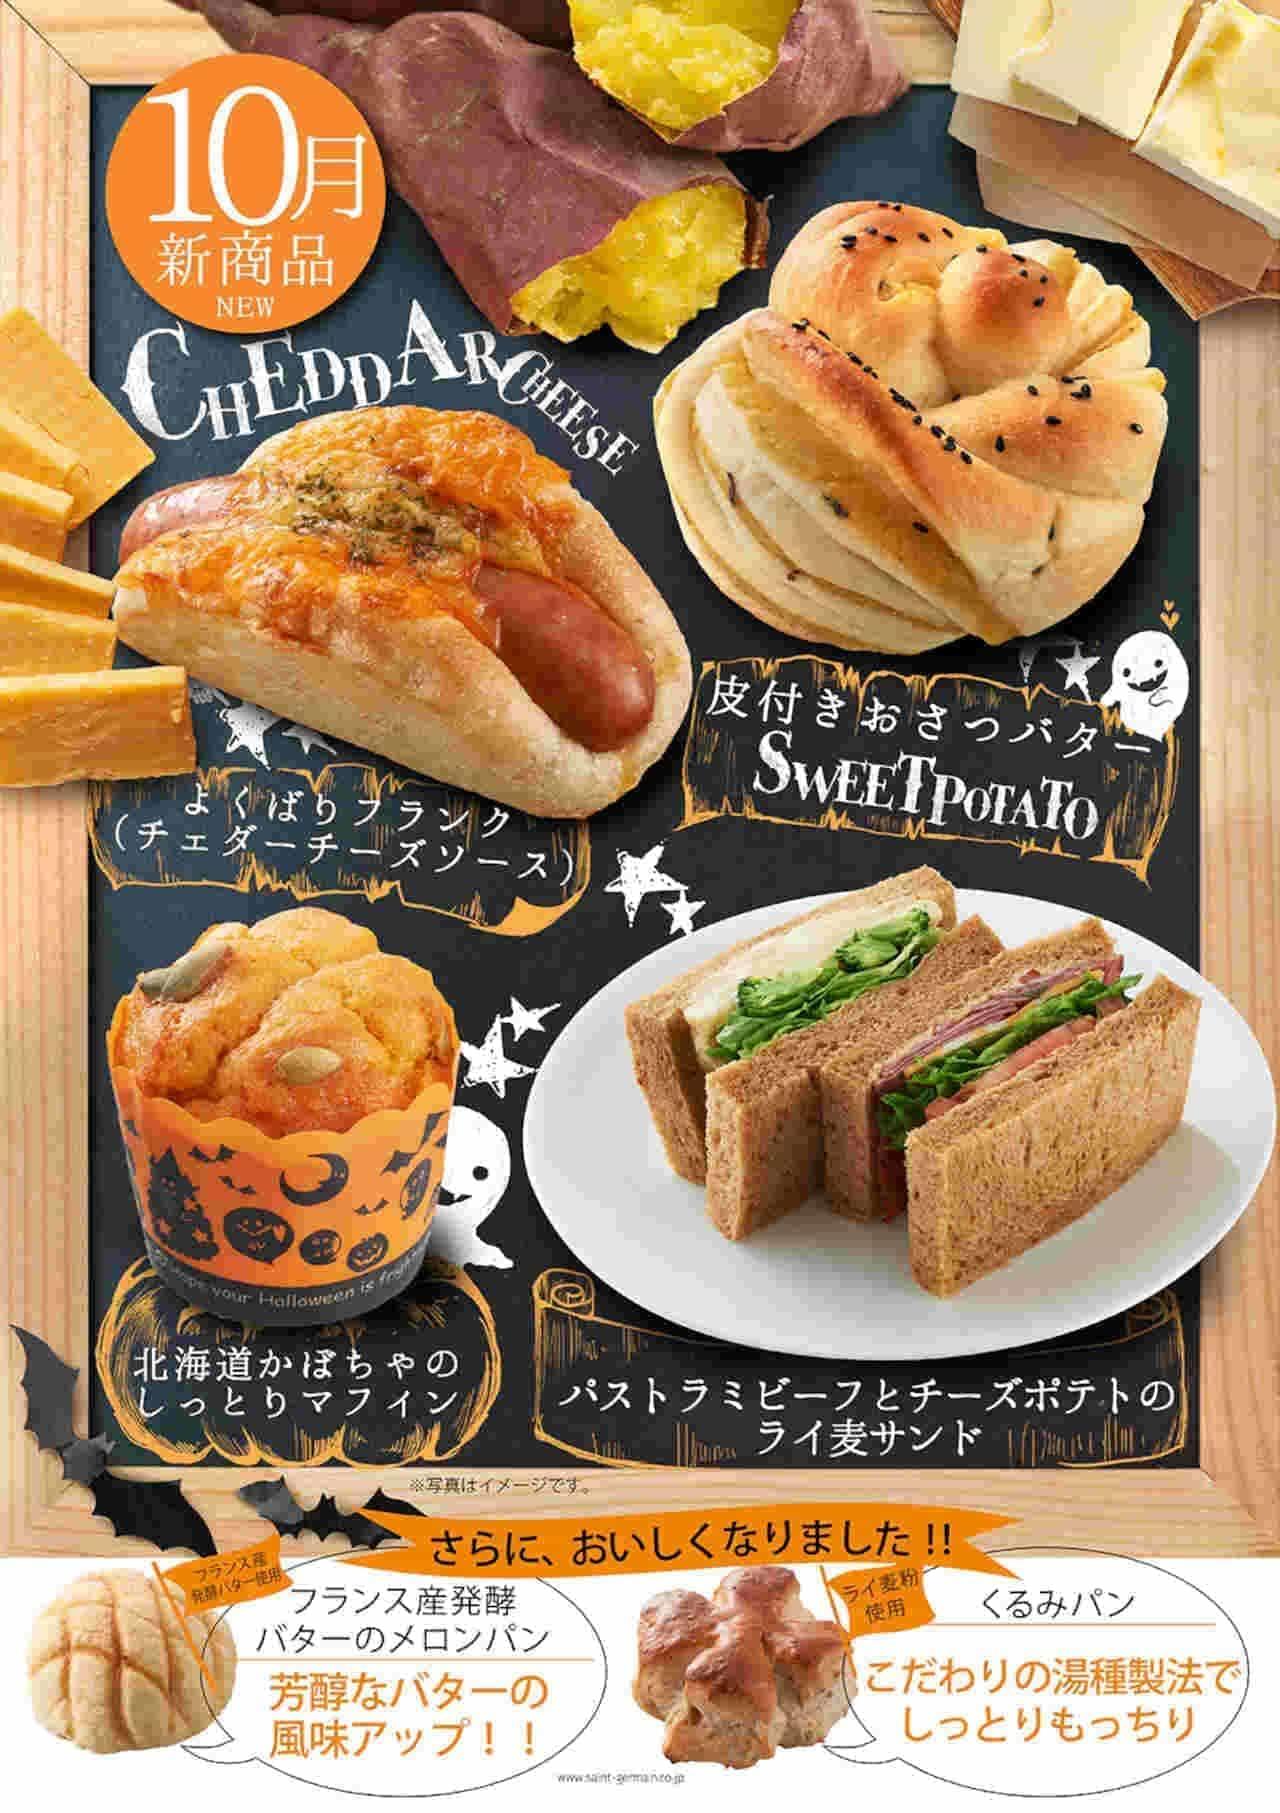 サンジェルマン 10月の新作パン